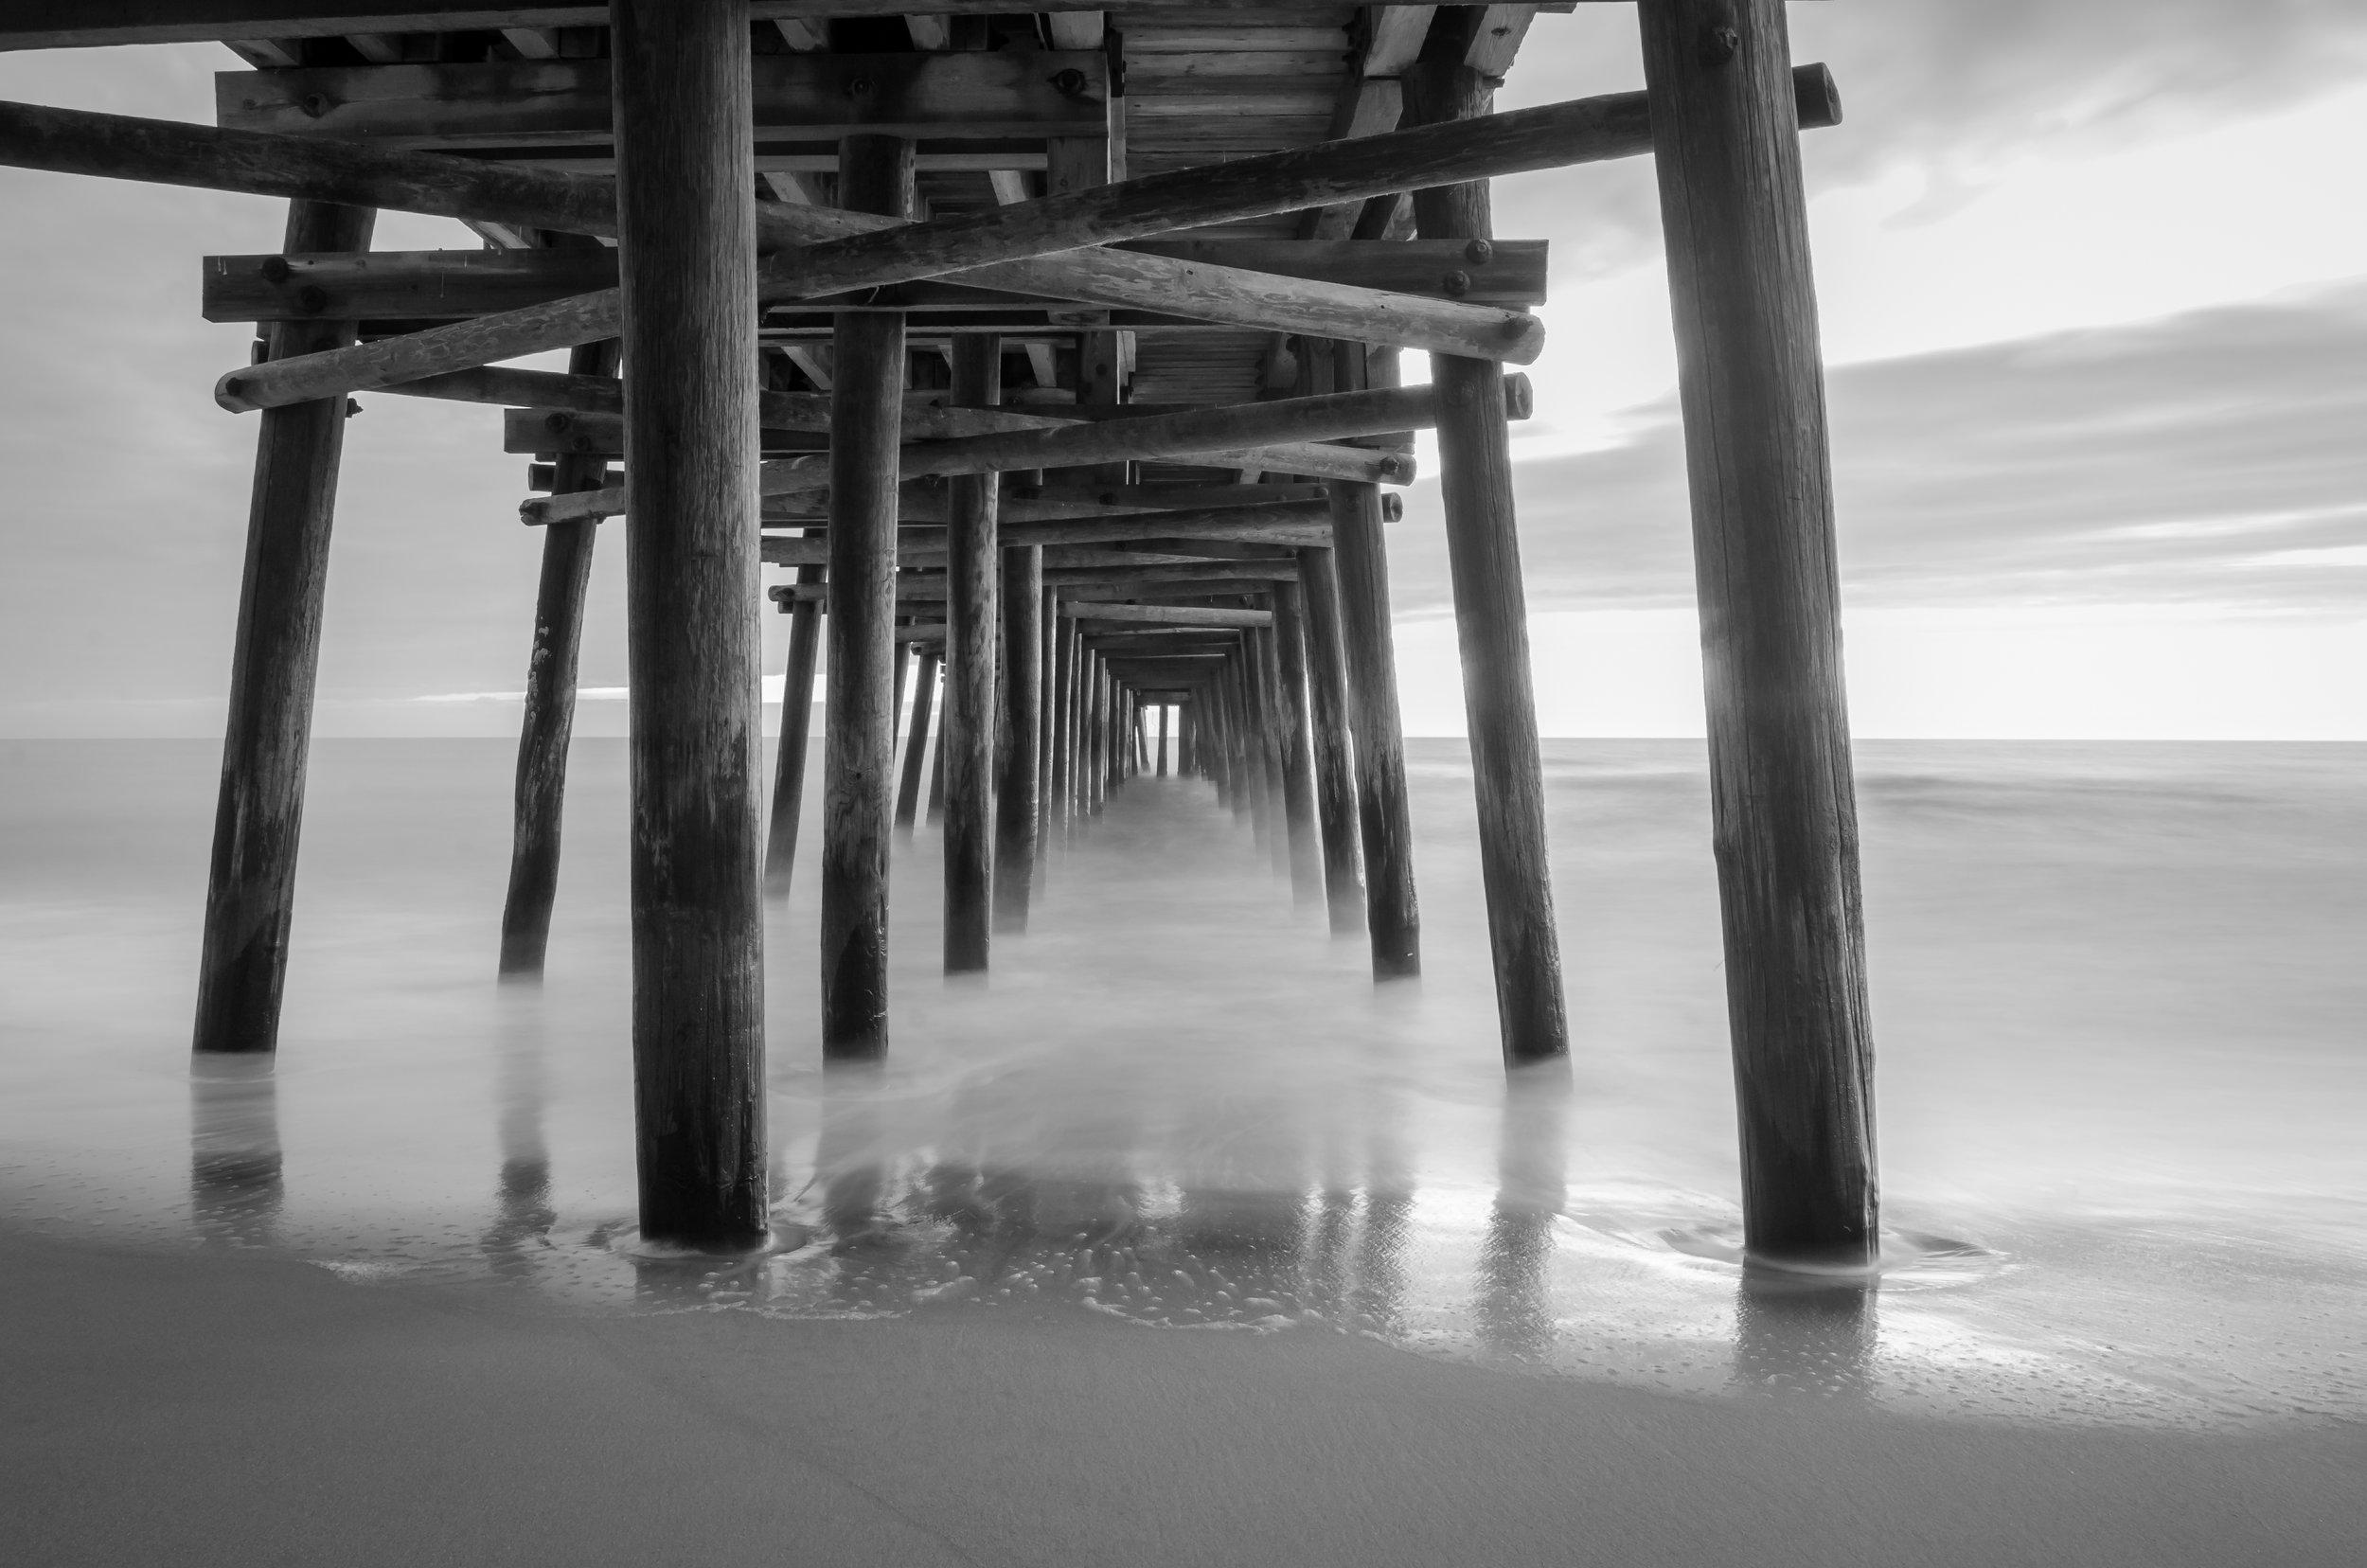 sandbridge-sandbridge pier-sandbridge beach-pier-black and white-dawn-Virginia Beach-Virginia-beach.jpg